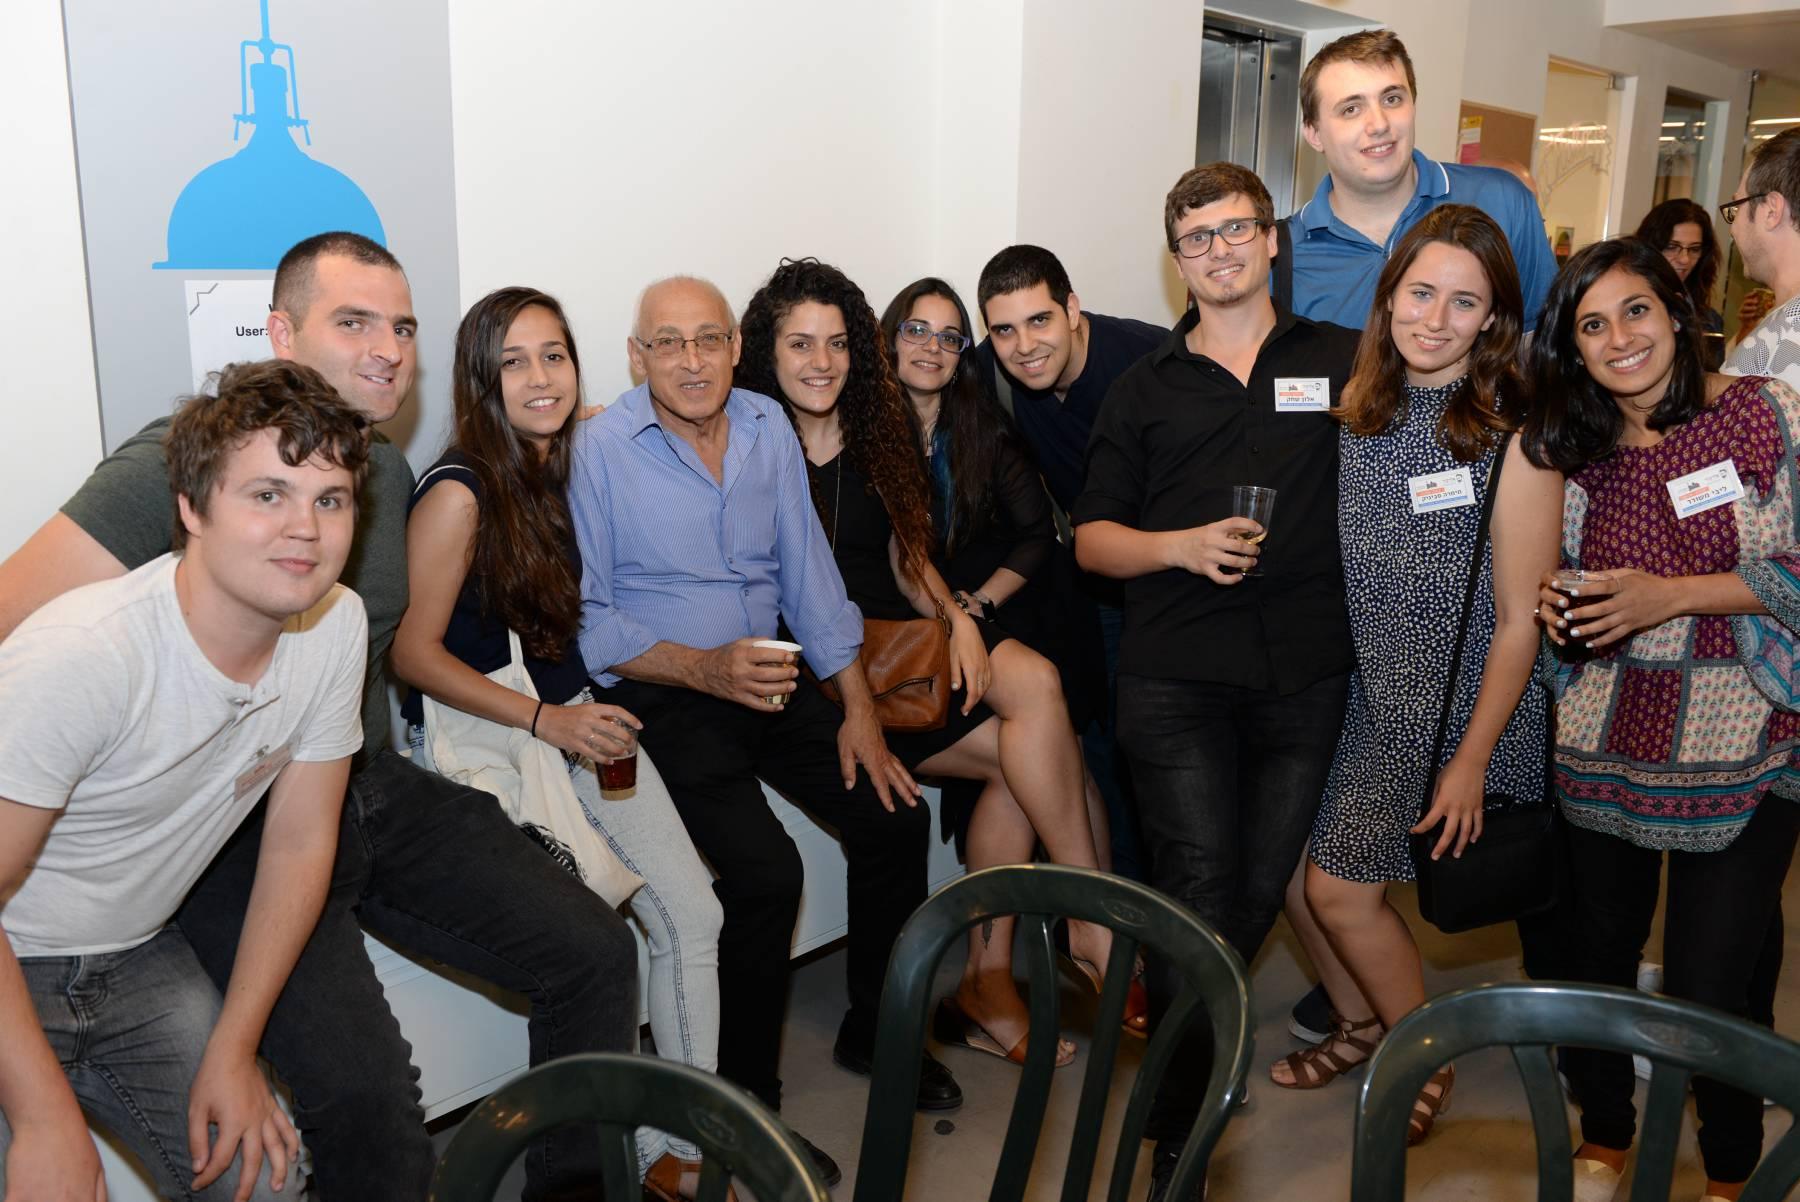 מפגש מועצות הנוער לדורותיהם. צילום: טל קירשנבאום